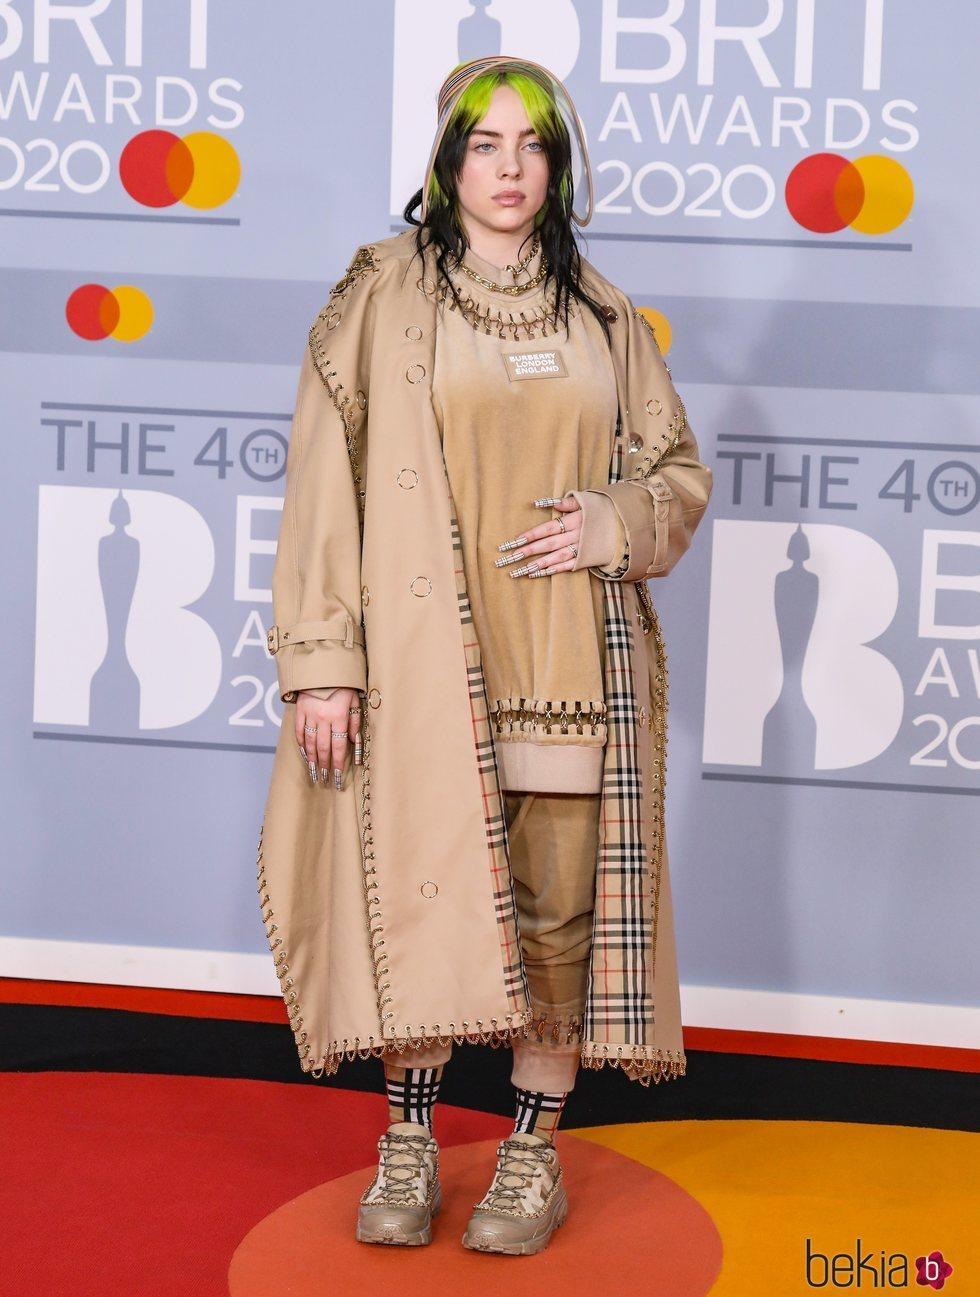 Billie Eilish en la alfombra roja de los Brit Awards 2020